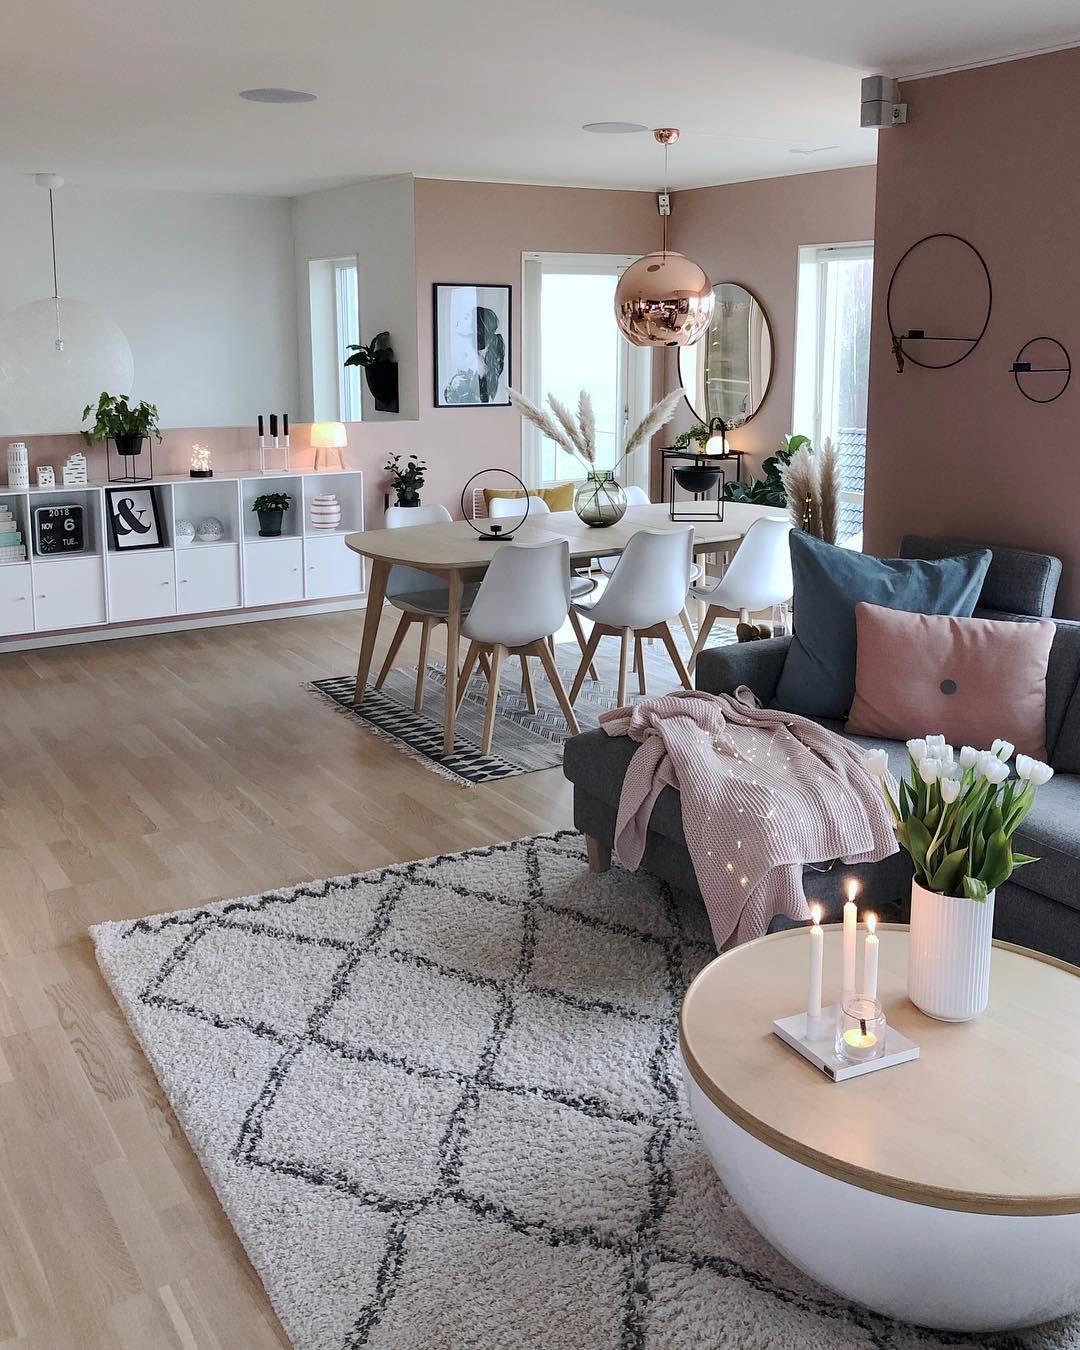 Silje spilde on instagram  cl        god tirsdag her koser vi oss also nsta cle tillman home decor in house design rh pinterest